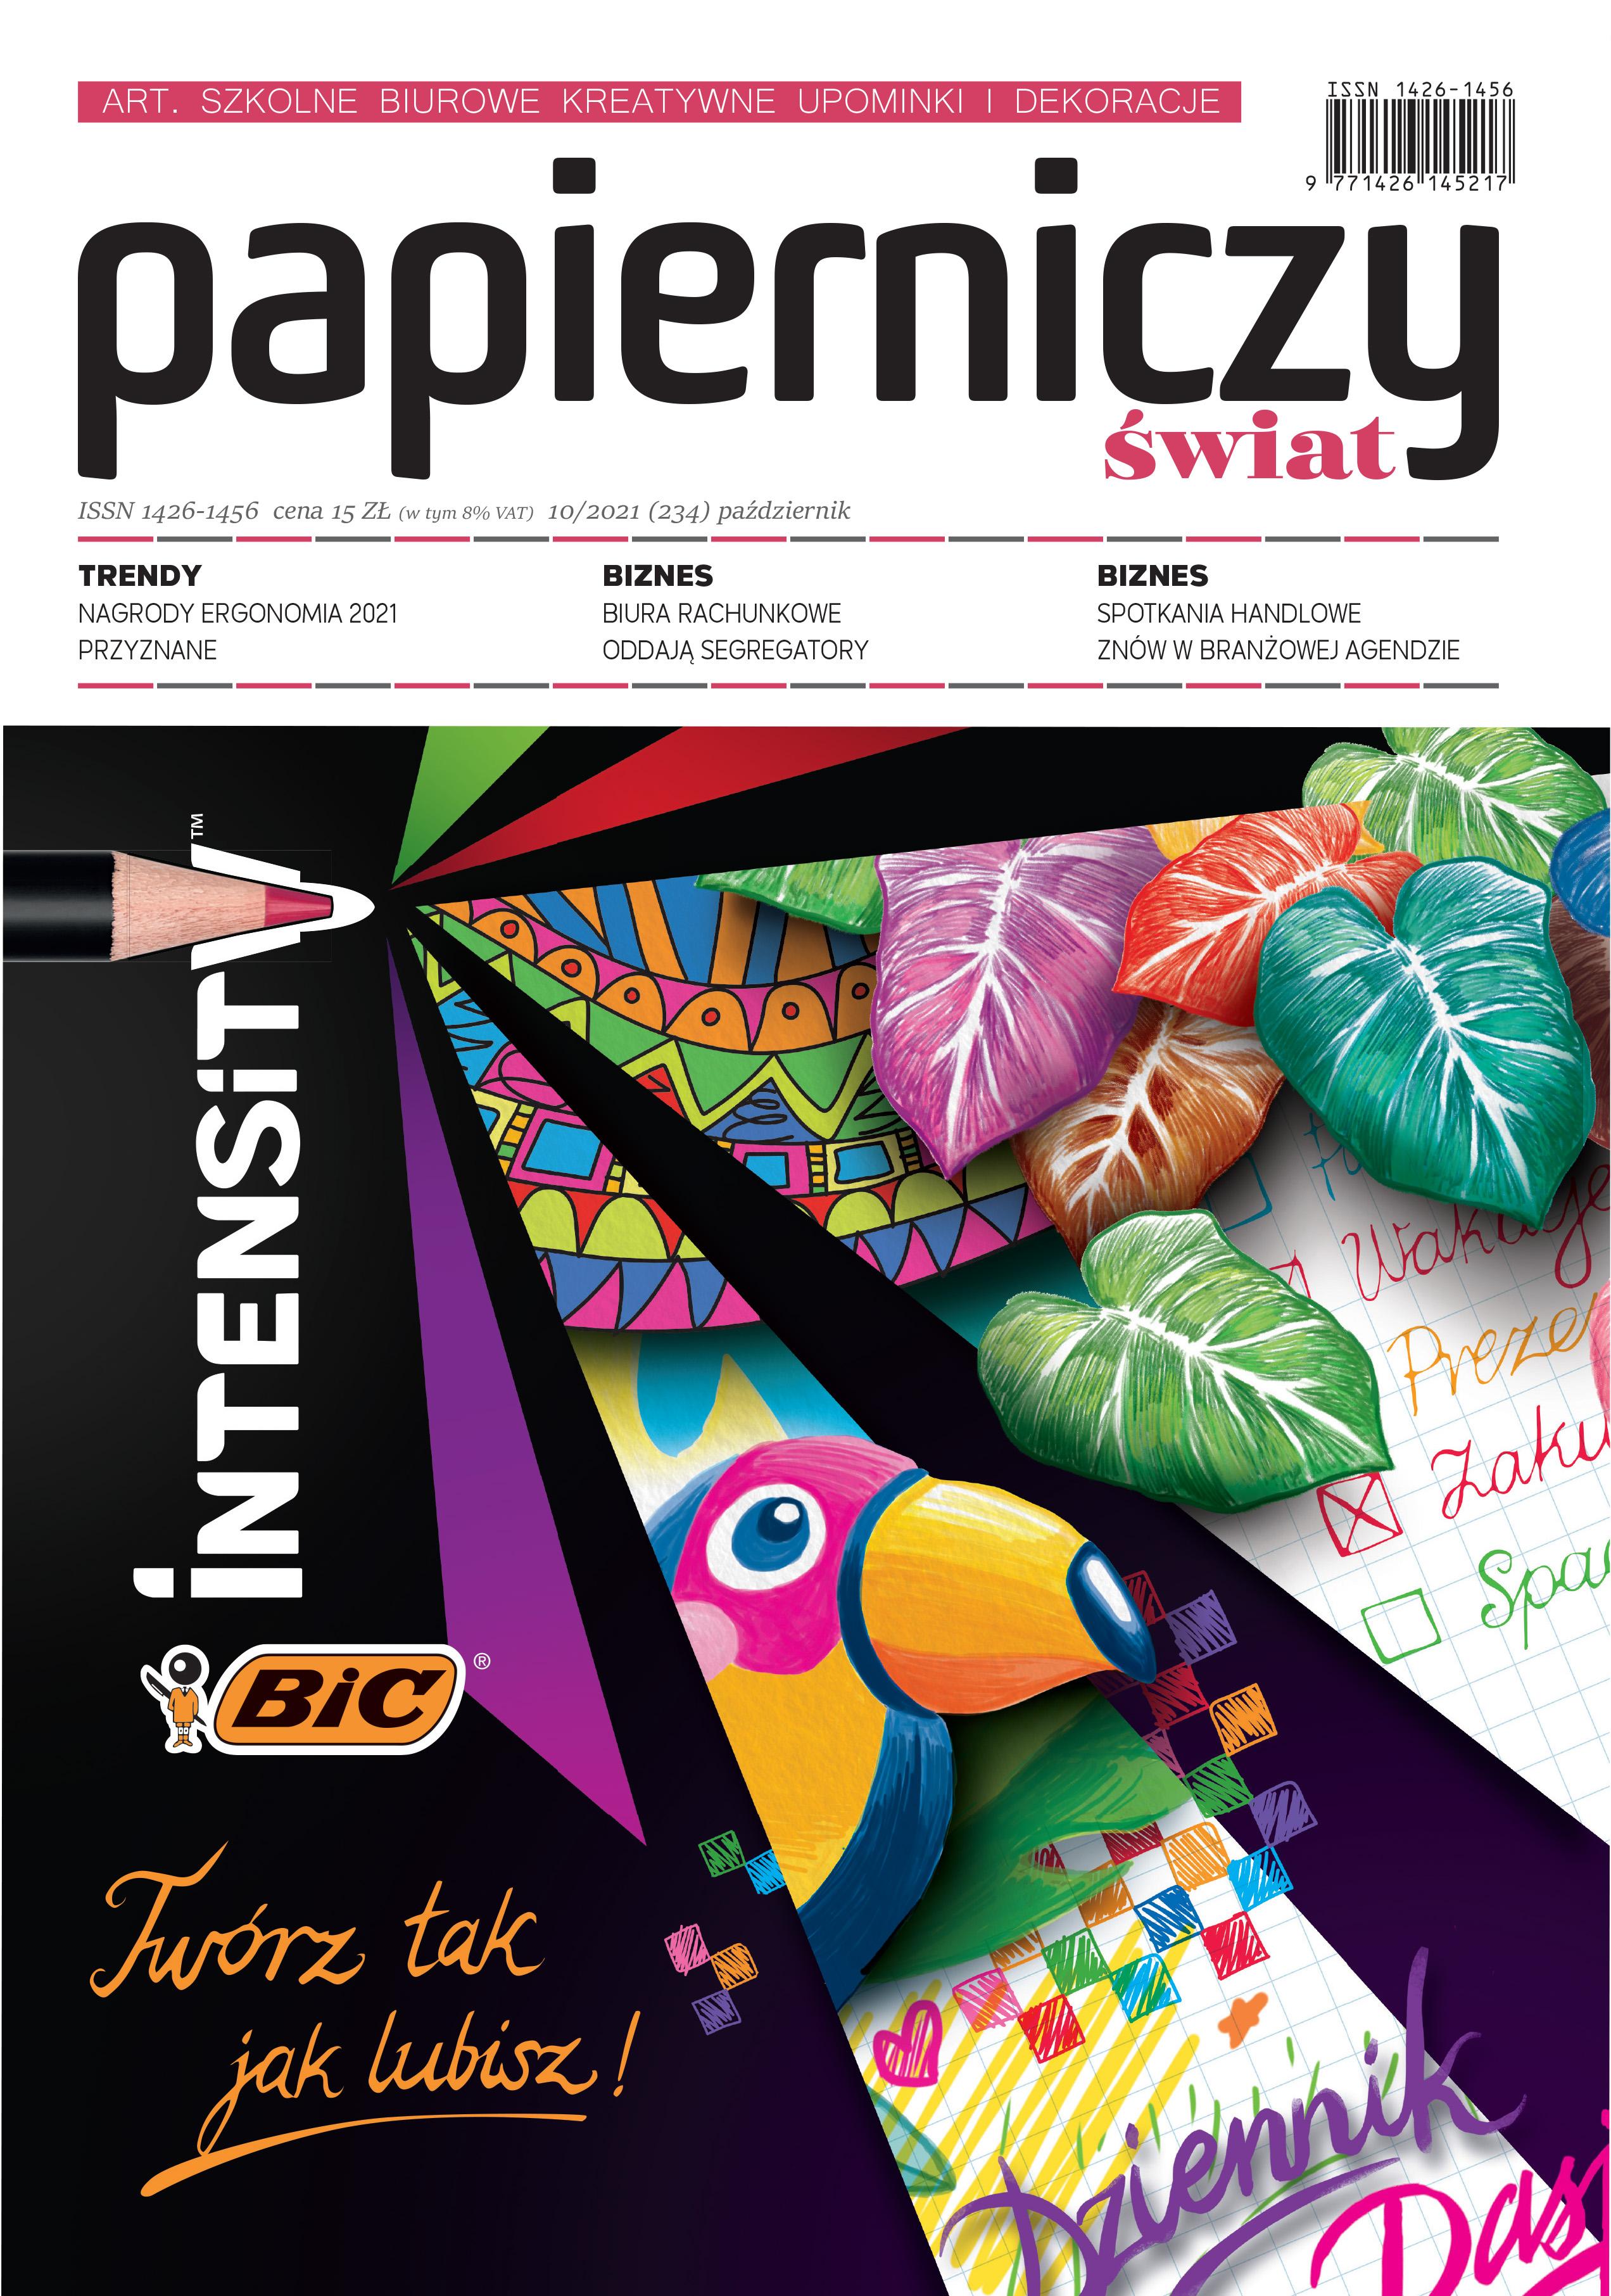 Nowe wydanie - Papierniczy Świat 10/2021